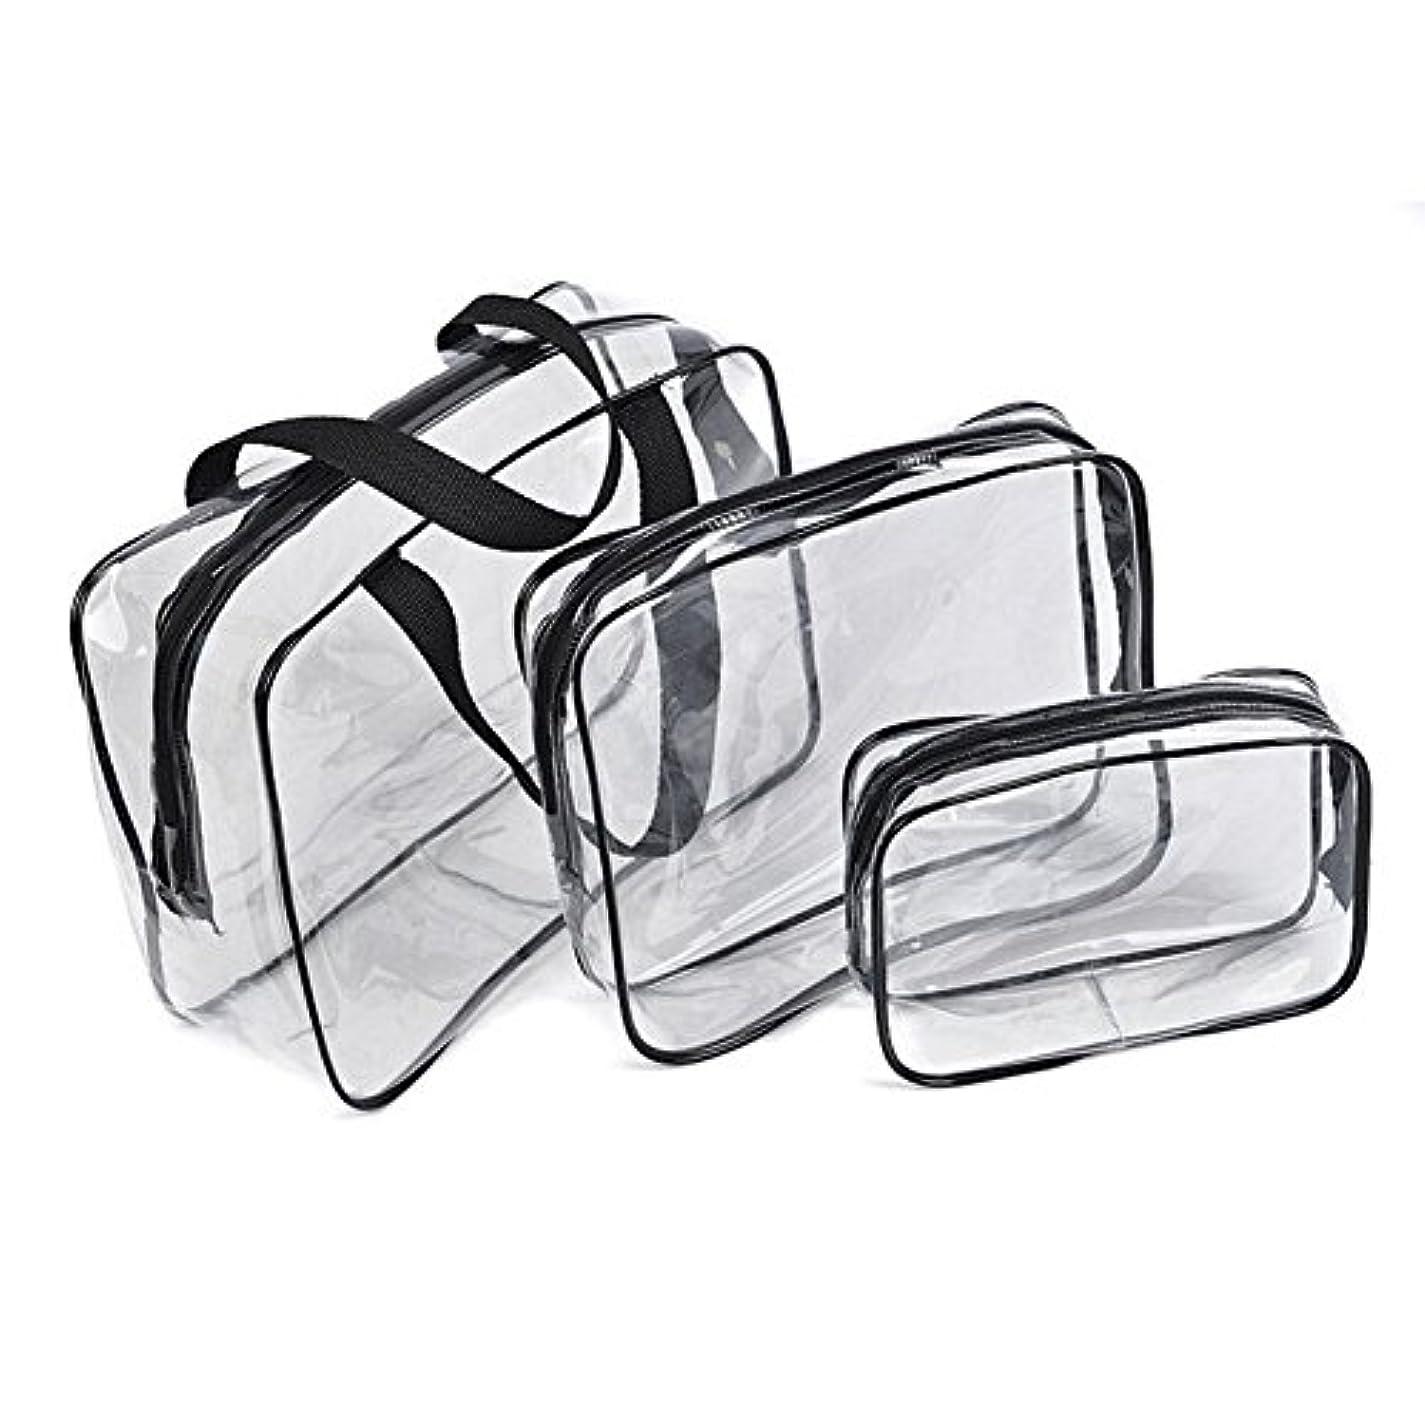 スケッチ意味のあるジョグ化粧品袋,SODIAL(R)ホット 3透明な化粧バッグ PVC旅行用 ウォッシュ化粧ポーチ(黒)